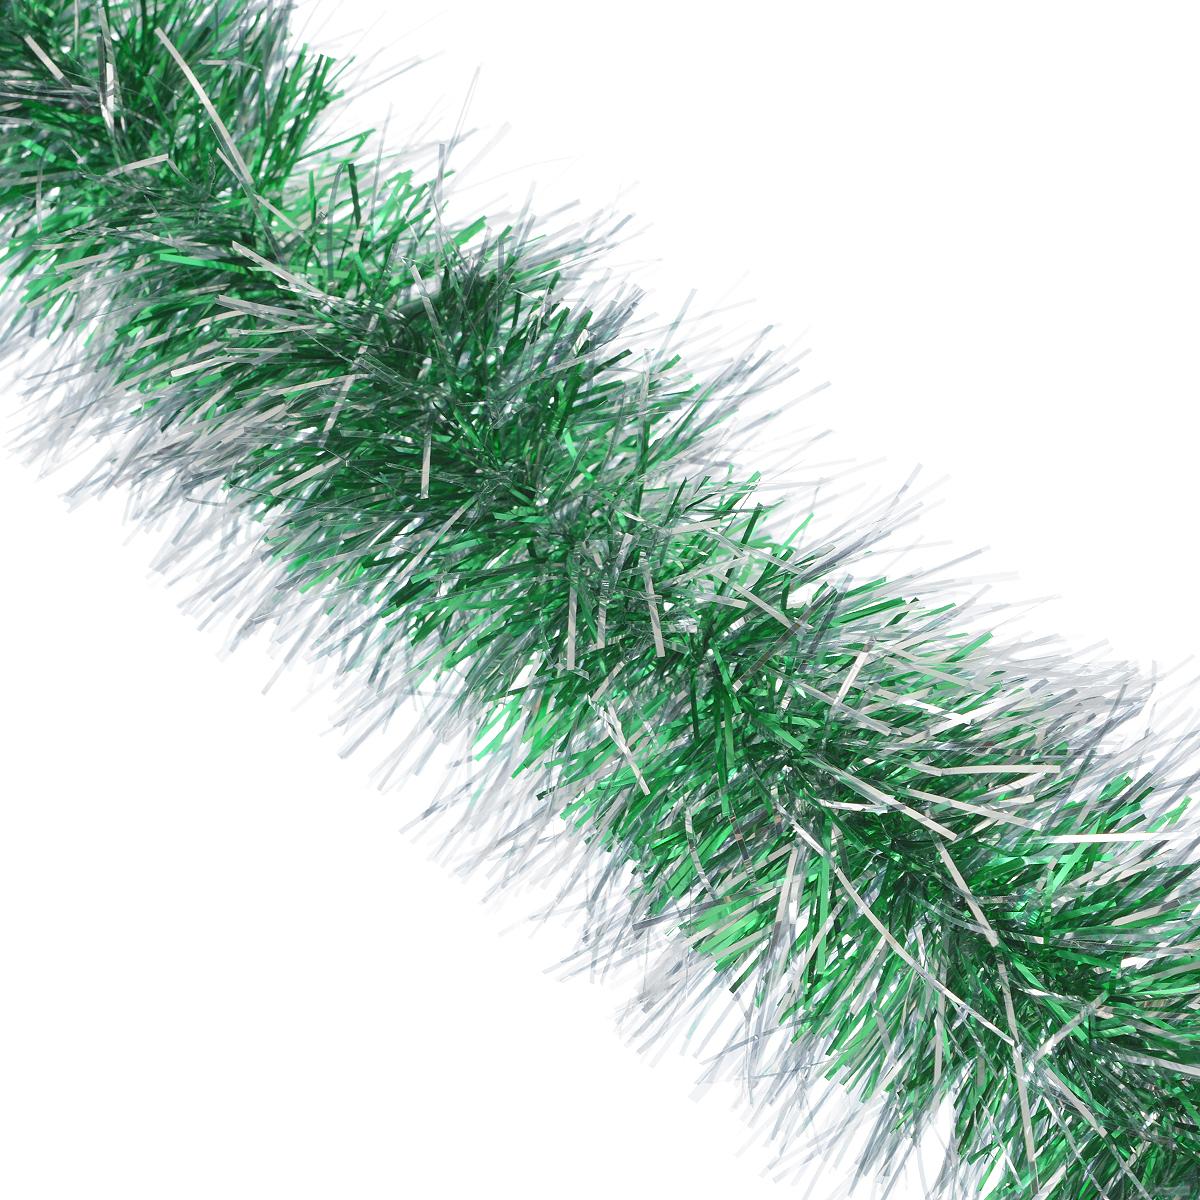 Мишура новогодняя Sima-land, цвет: зеленый, серебристый, диаметр 9 см, длина 165 см. 623233623233Мишура новогодняя Sima-land, выполненная из фольги, поможет вам украсить свой дом к предстоящим праздникам. Мишура армирована, то есть имеет проволоку внутри и способна сохранять приданную ей форму. Новогодняя елка с таким украшением станет еще наряднее. Новогодней мишурой можно украсить все, что угодно - елку, квартиру, дачу, офис - как внутри, так и снаружи. Можно сложить новогодние поздравления, буквы и цифры, мишурой можно украсить и дополнить гирлянды, можно выделить дверные колонны, оплести дверные проемы.